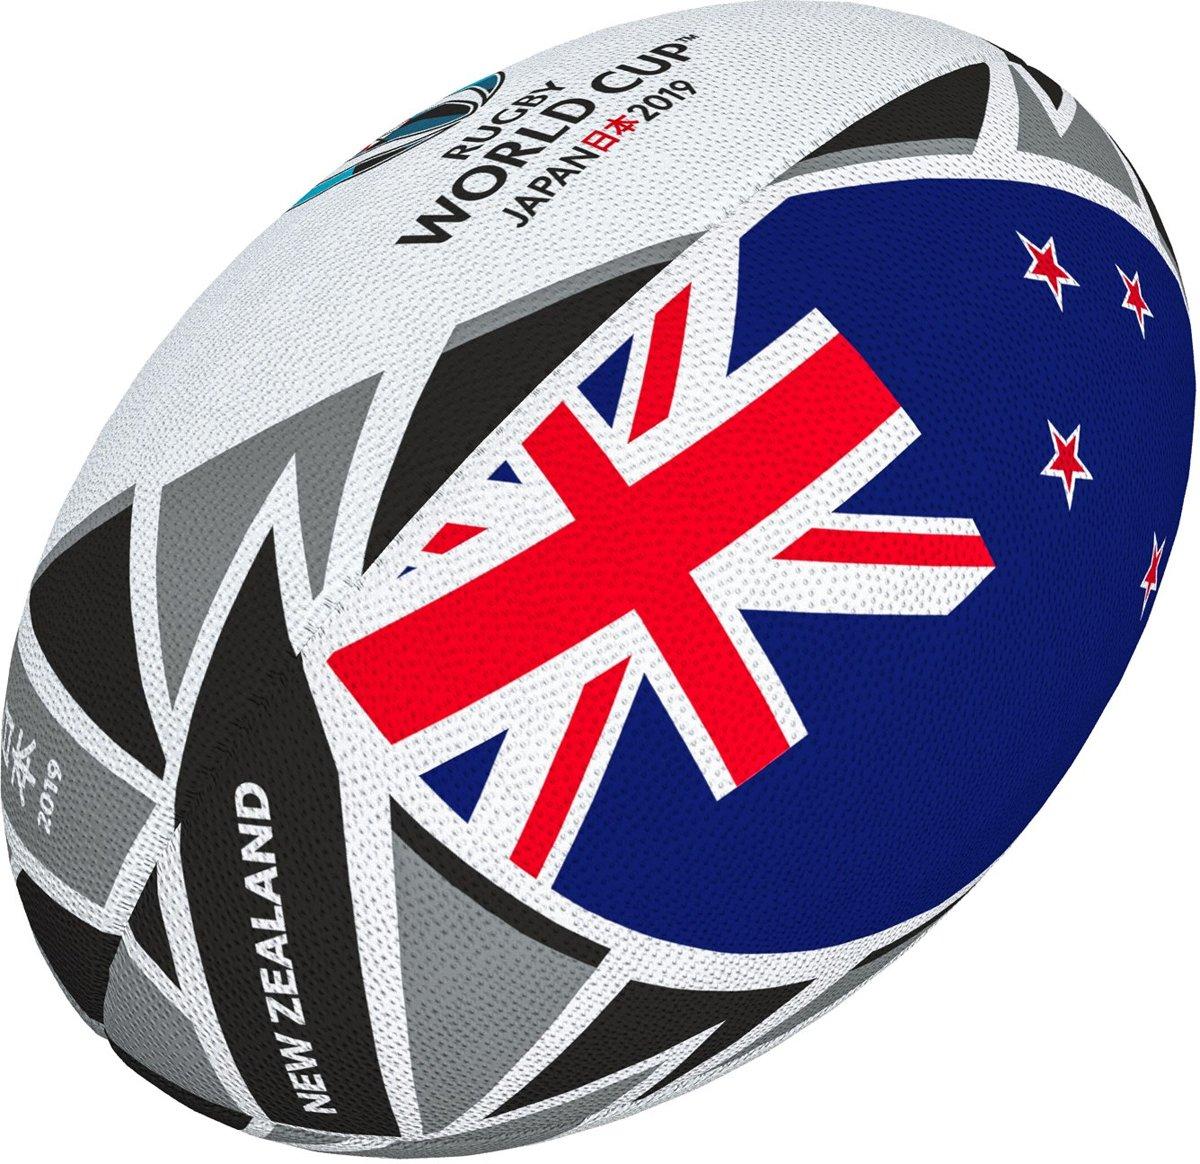 Gilbert World Cup 2019 New Zealand Flag Rugbybal maat 5 kopen